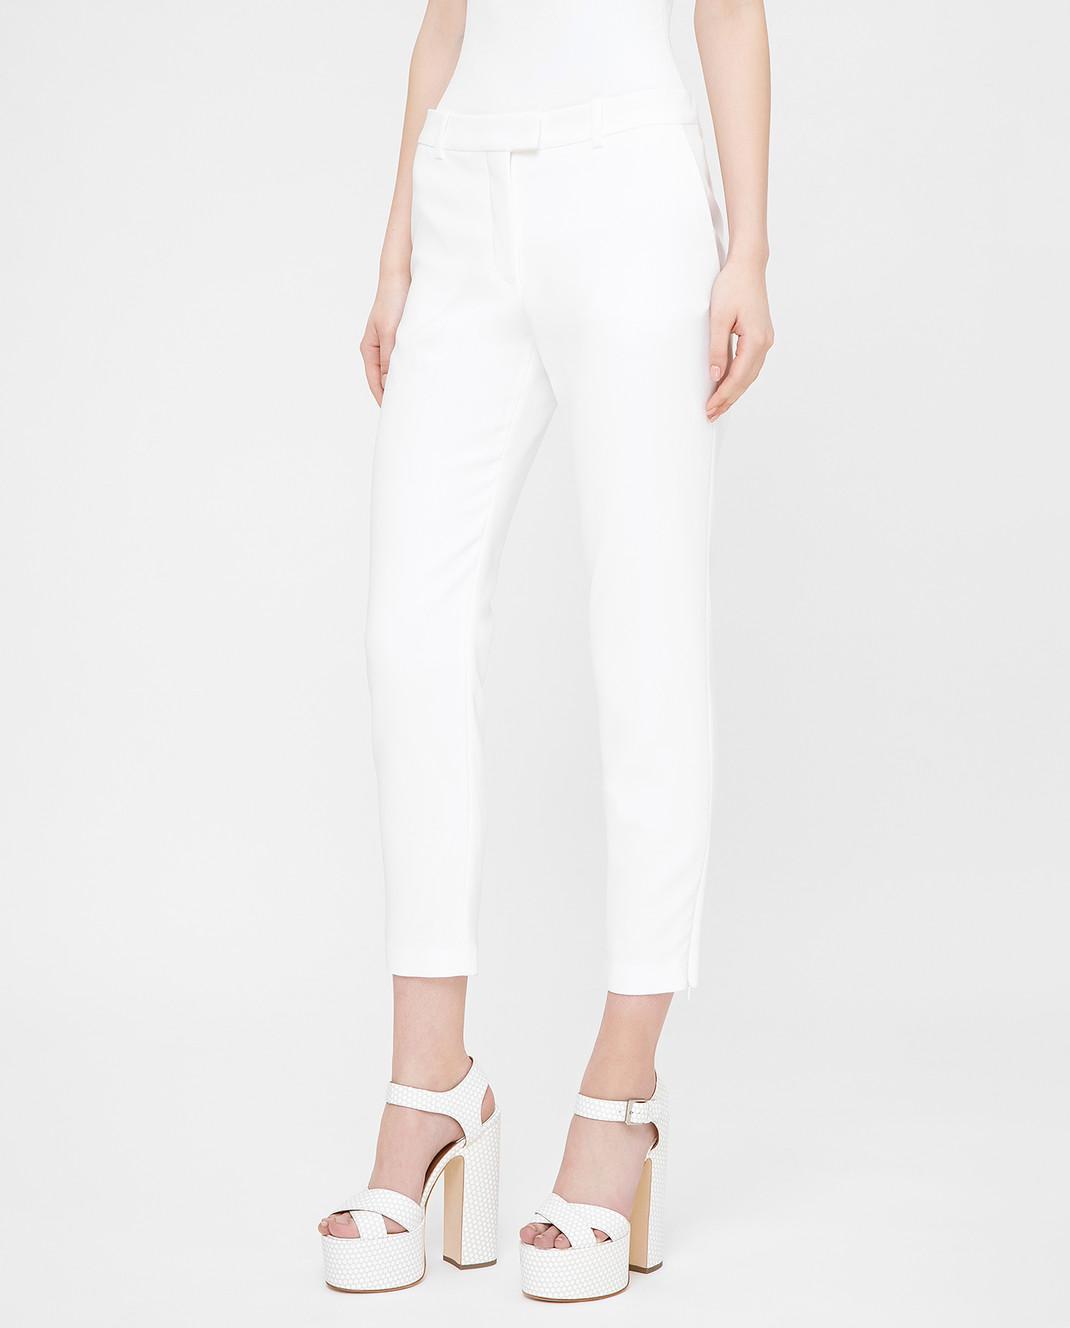 Altuzarra Белые брюки 119610089 изображение 3